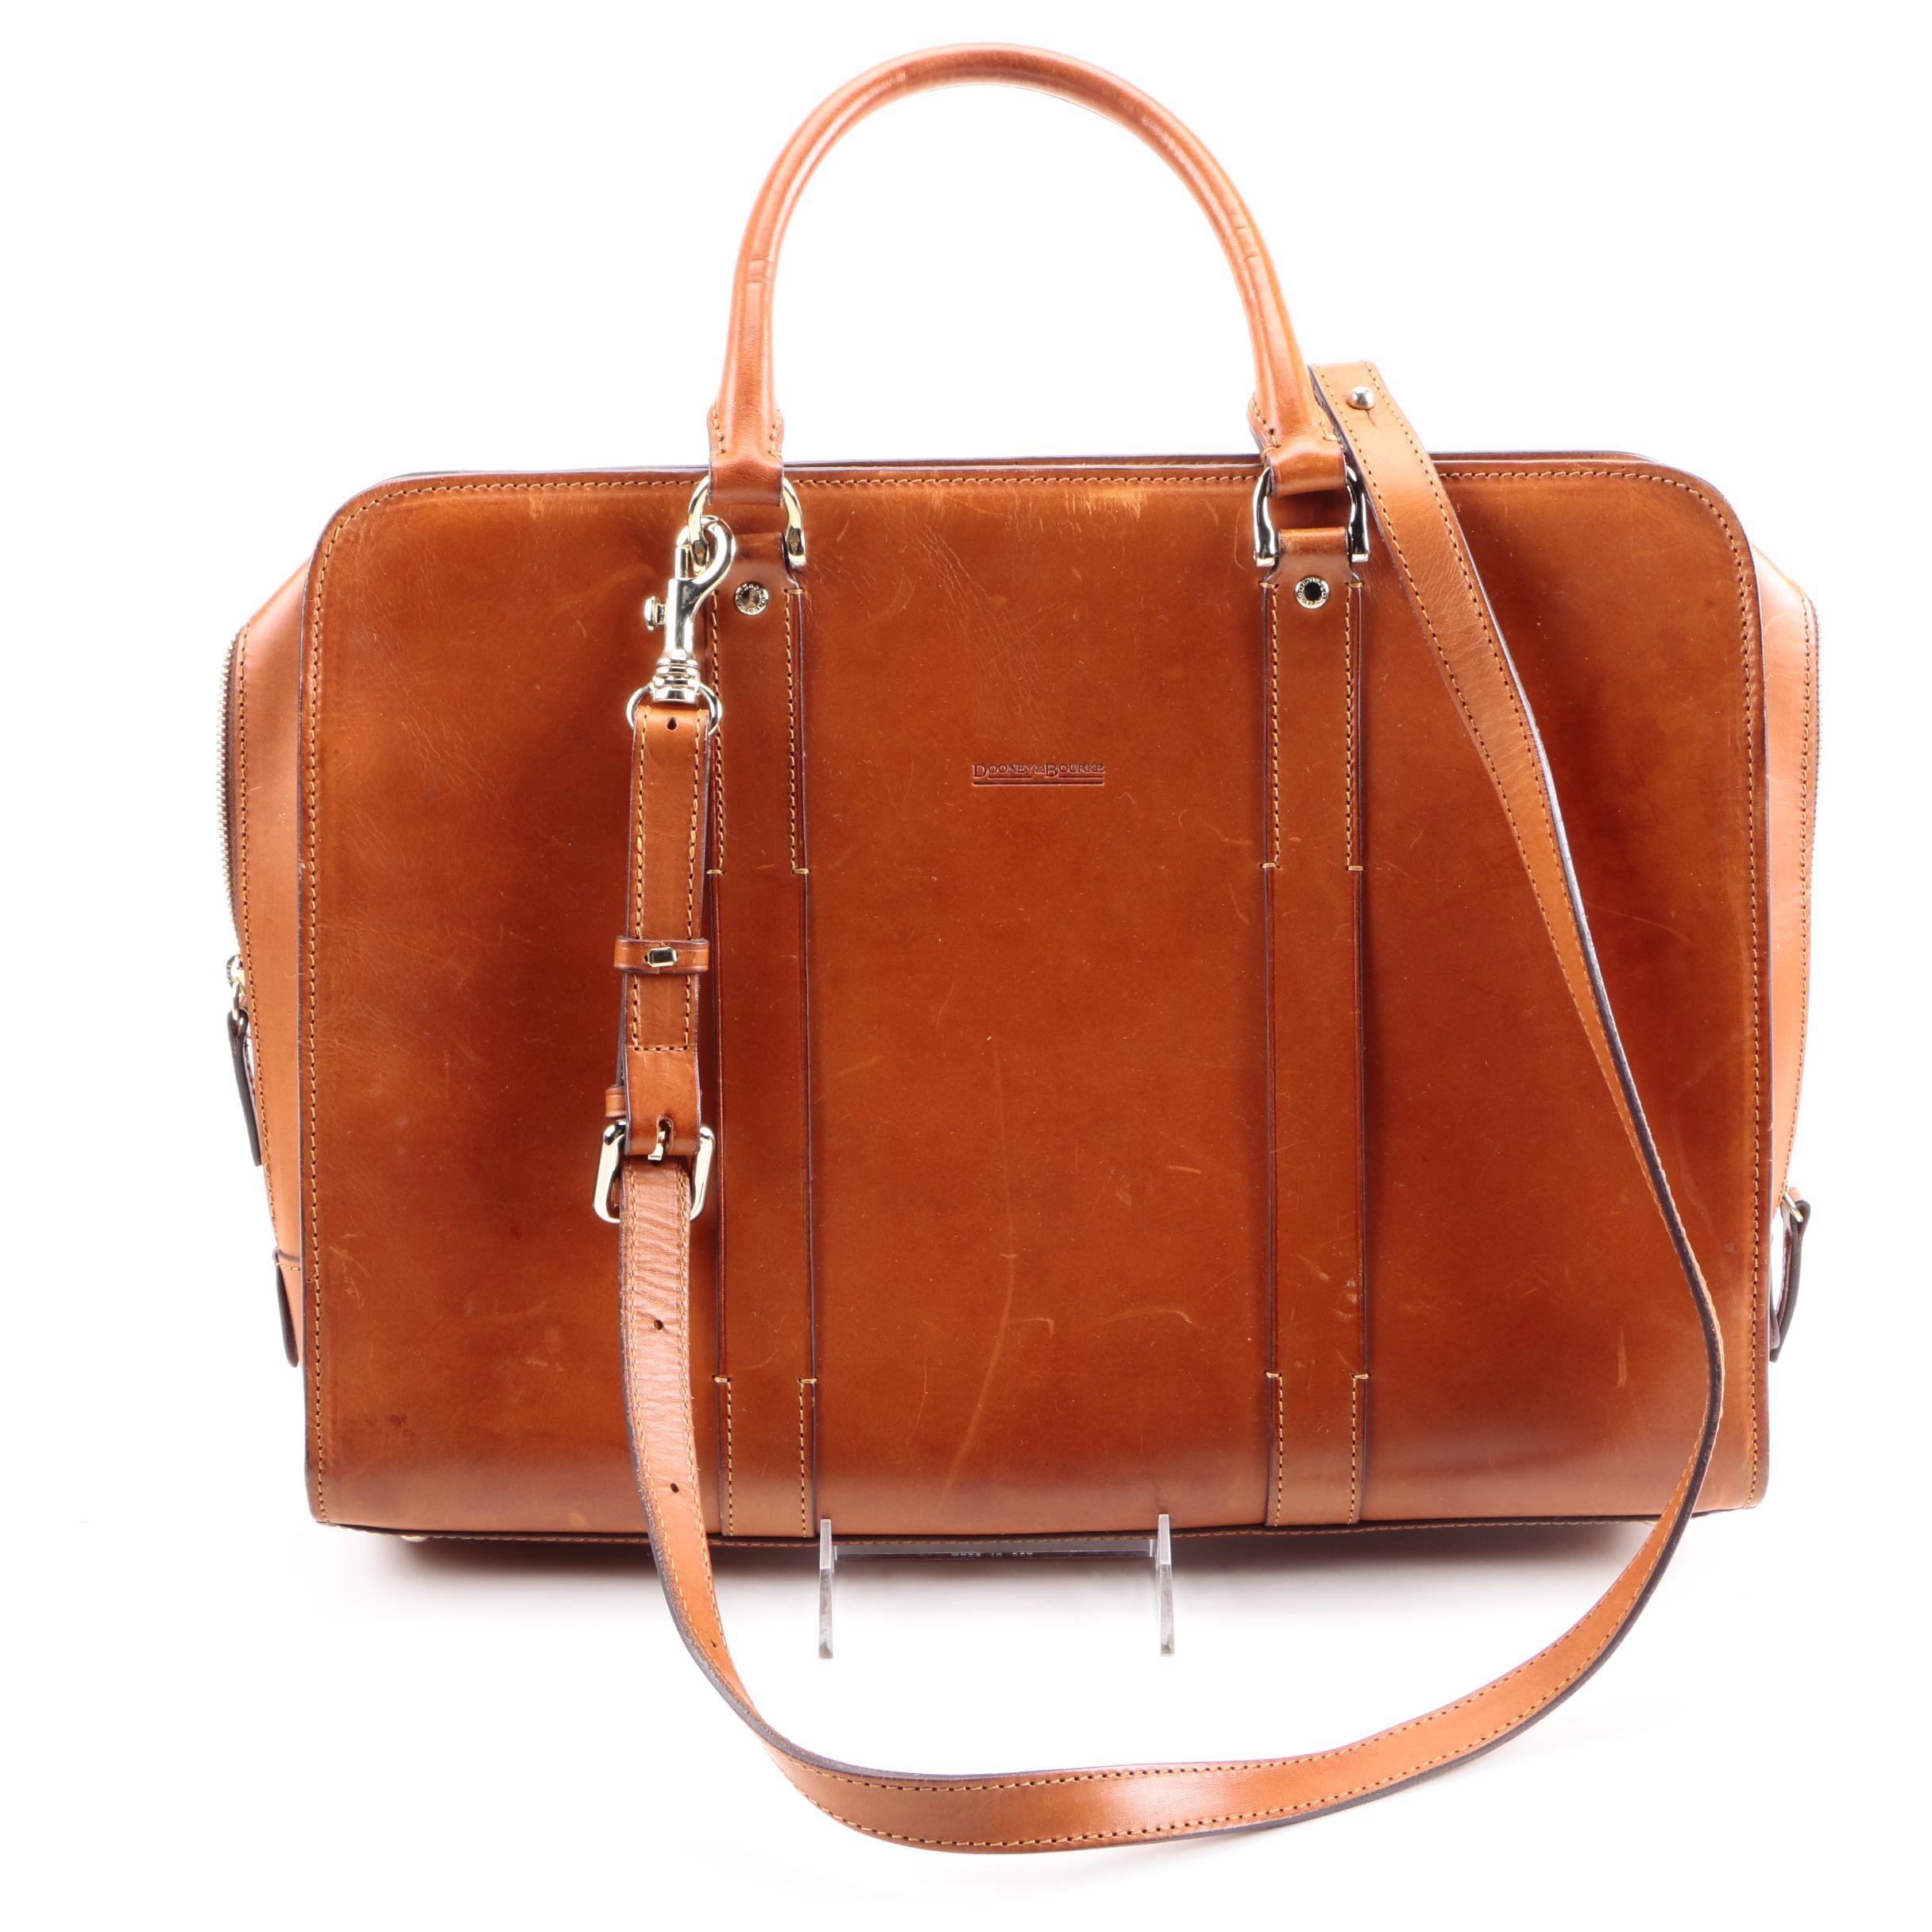 Dooney & Bourke Brown Leather Briefcase